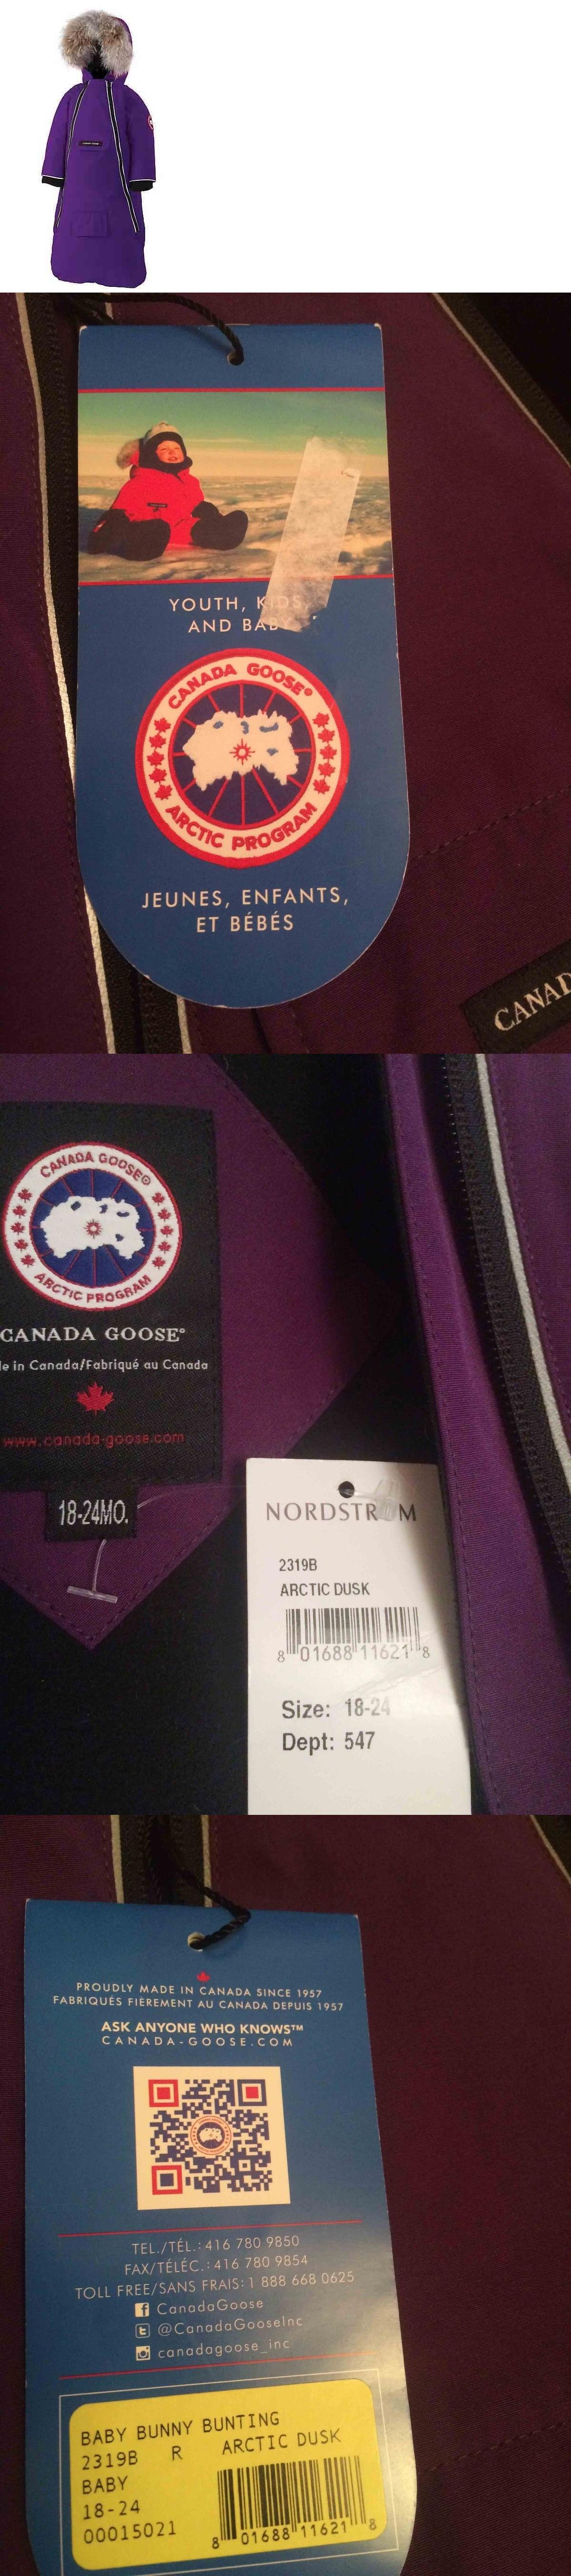 canada goose label ebay